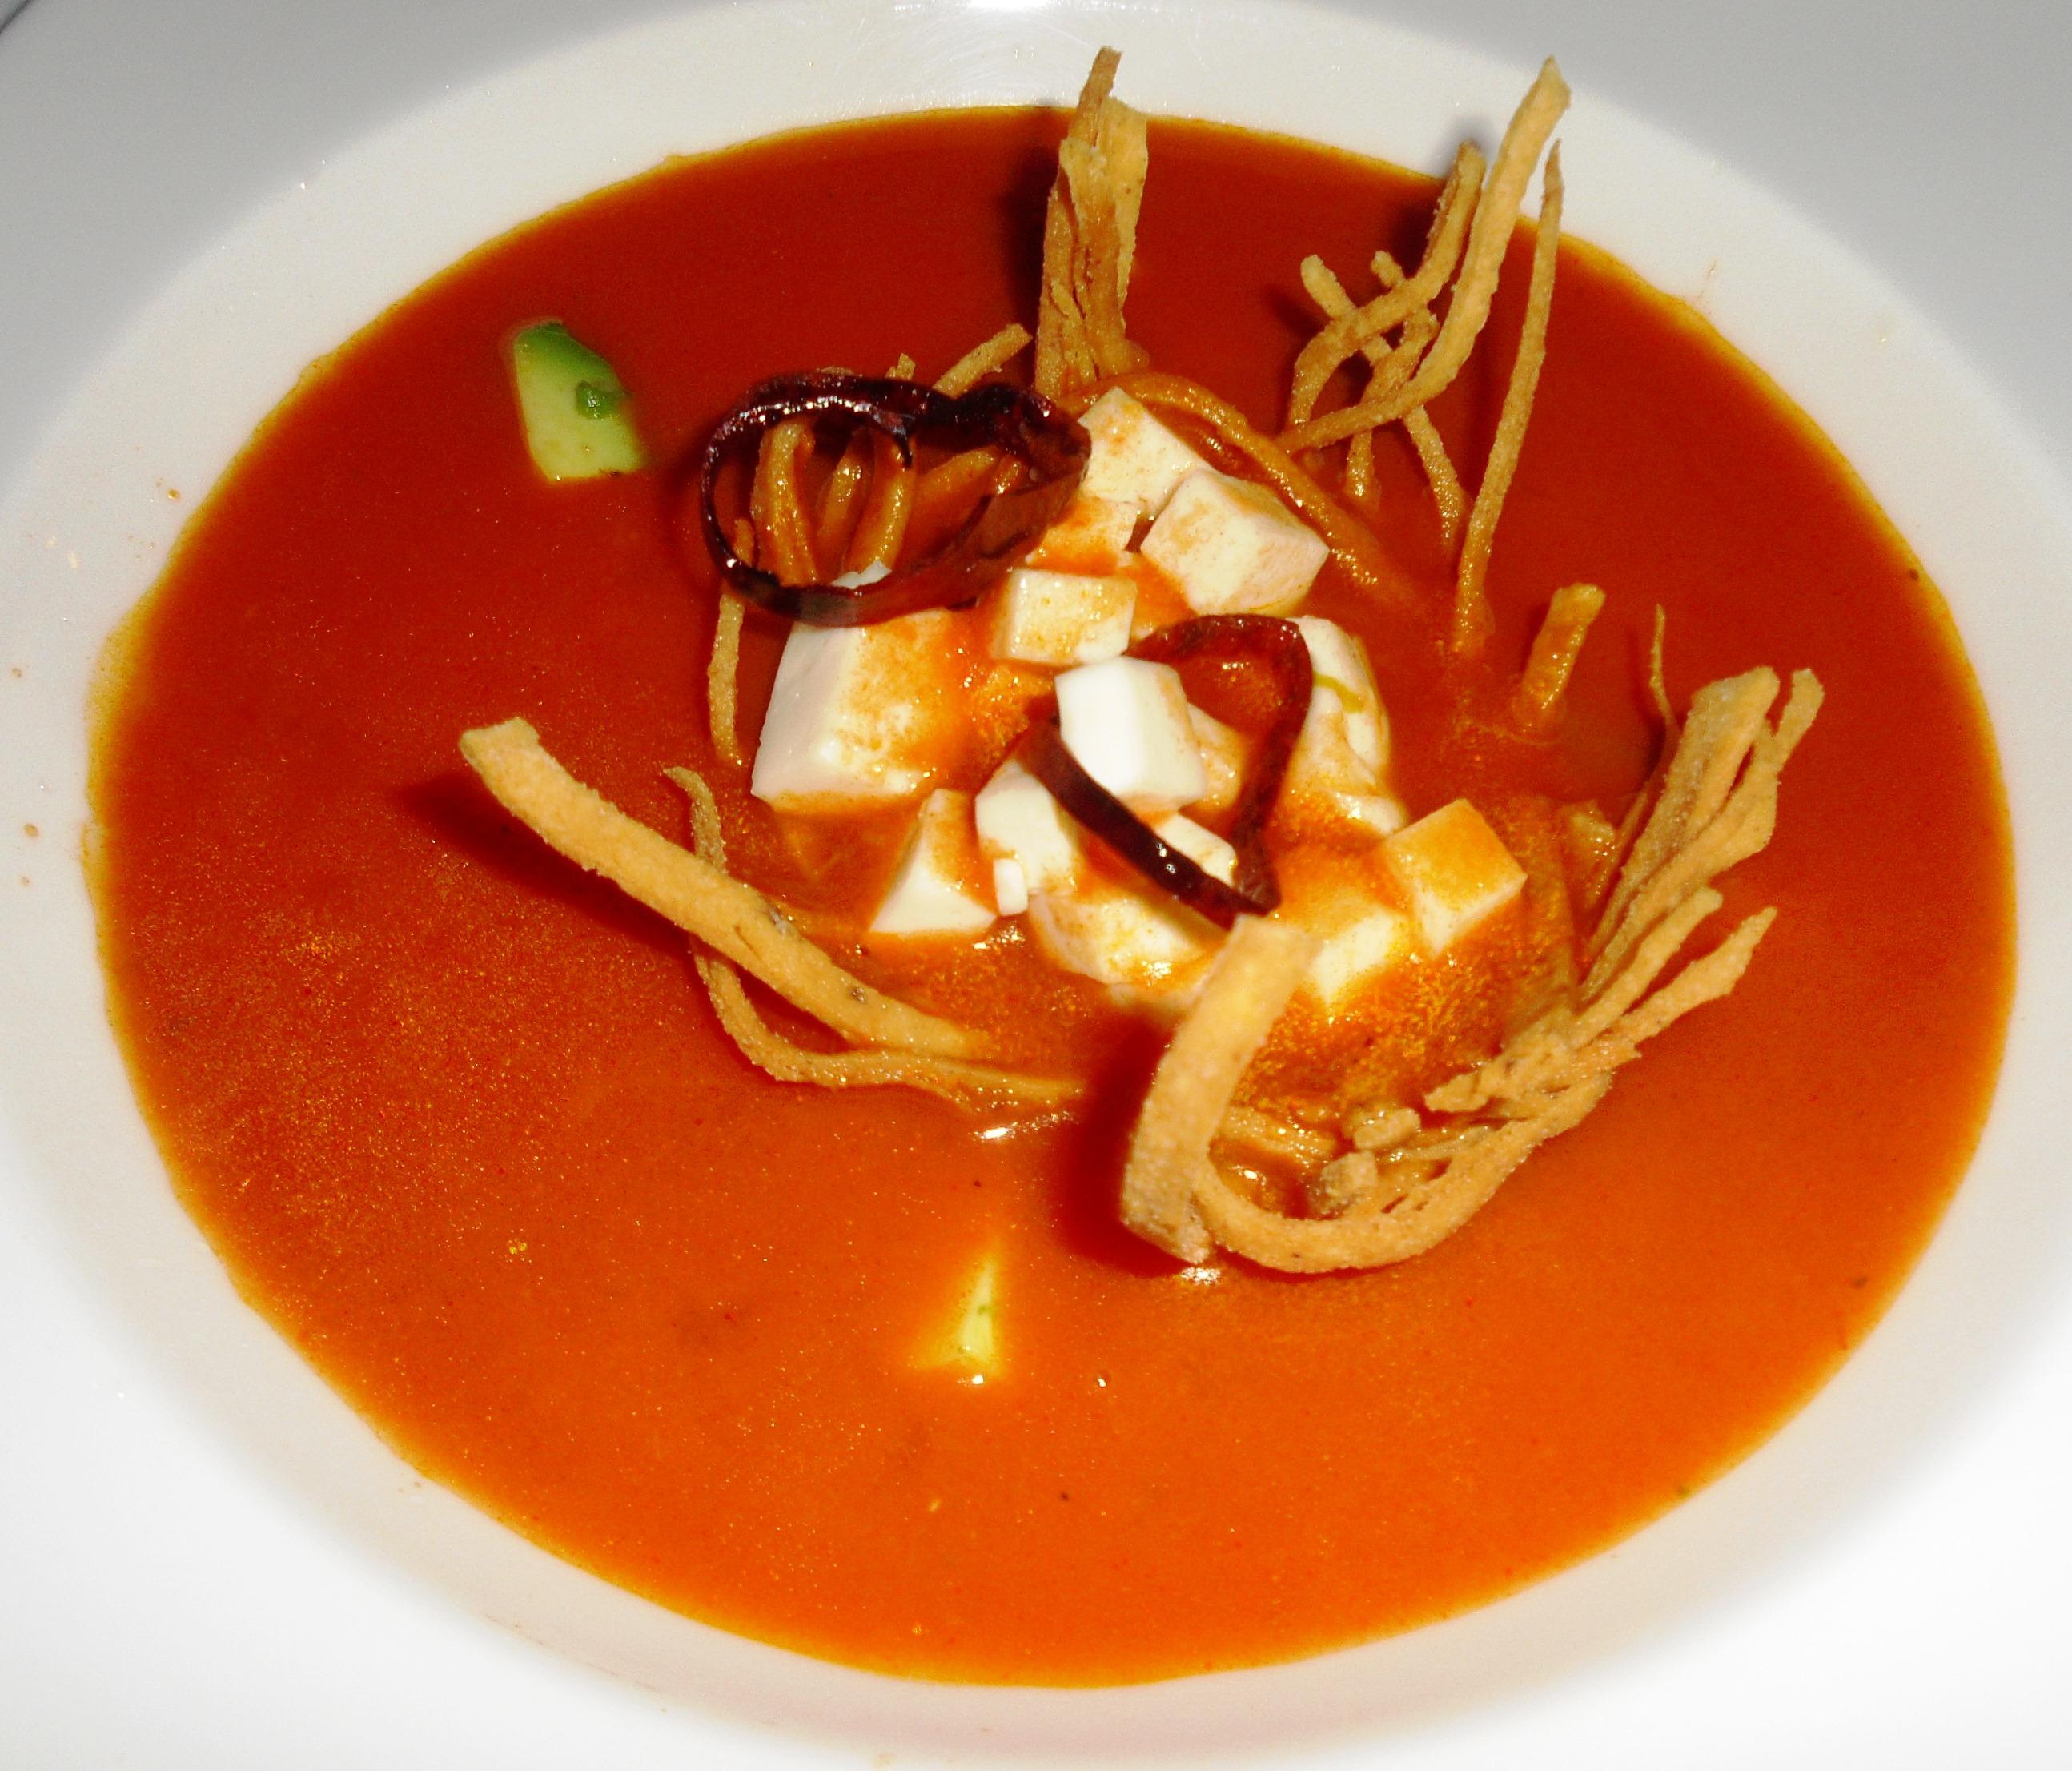 Ina Gartens Chicken Tortilla Soup